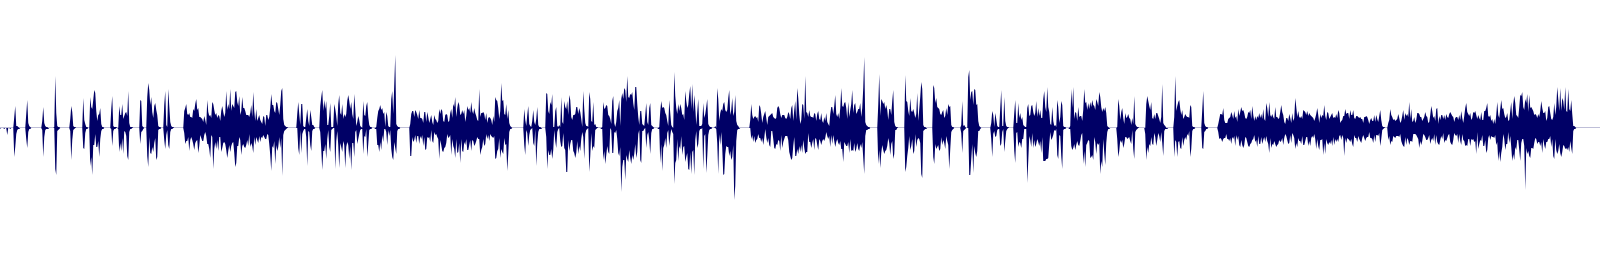 waveform of track #143793